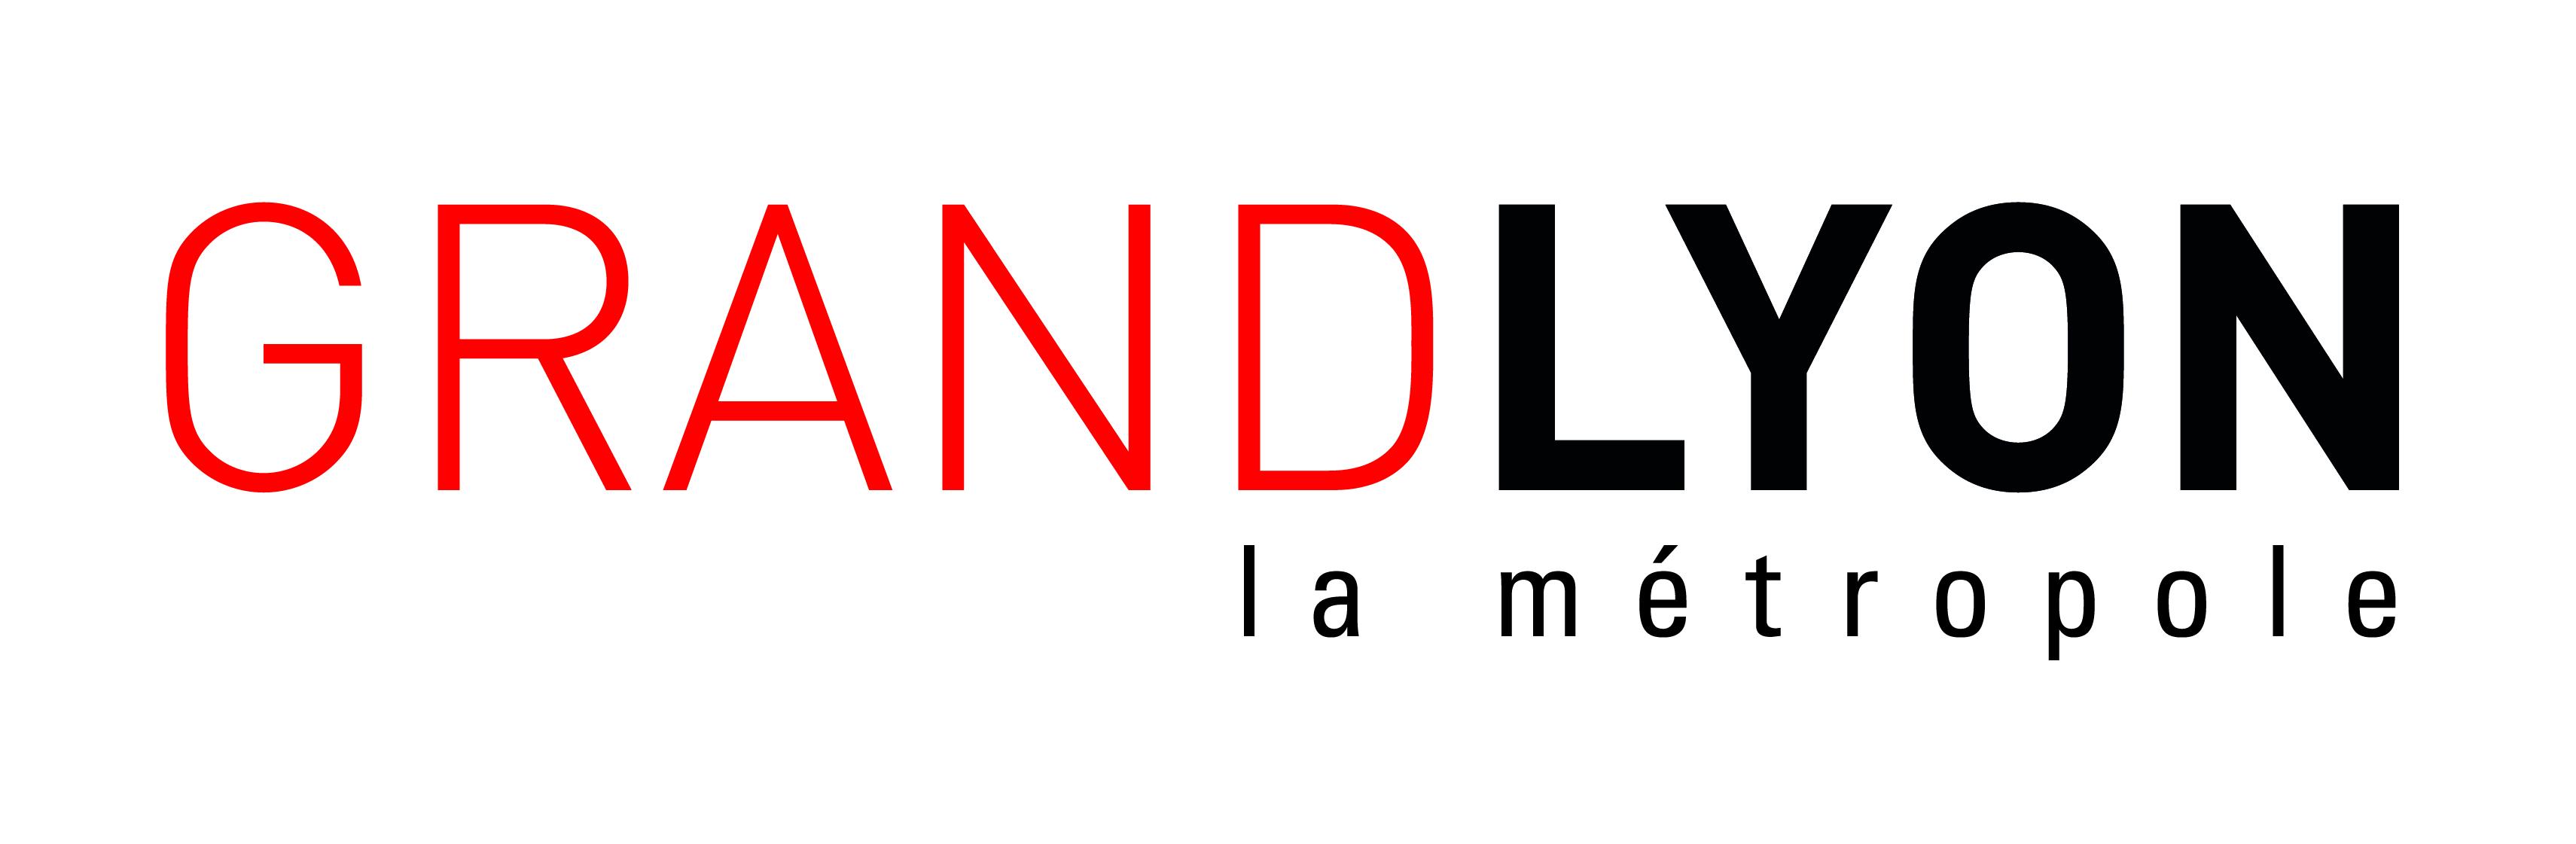 logo-metropole-grand-lyon.jpg